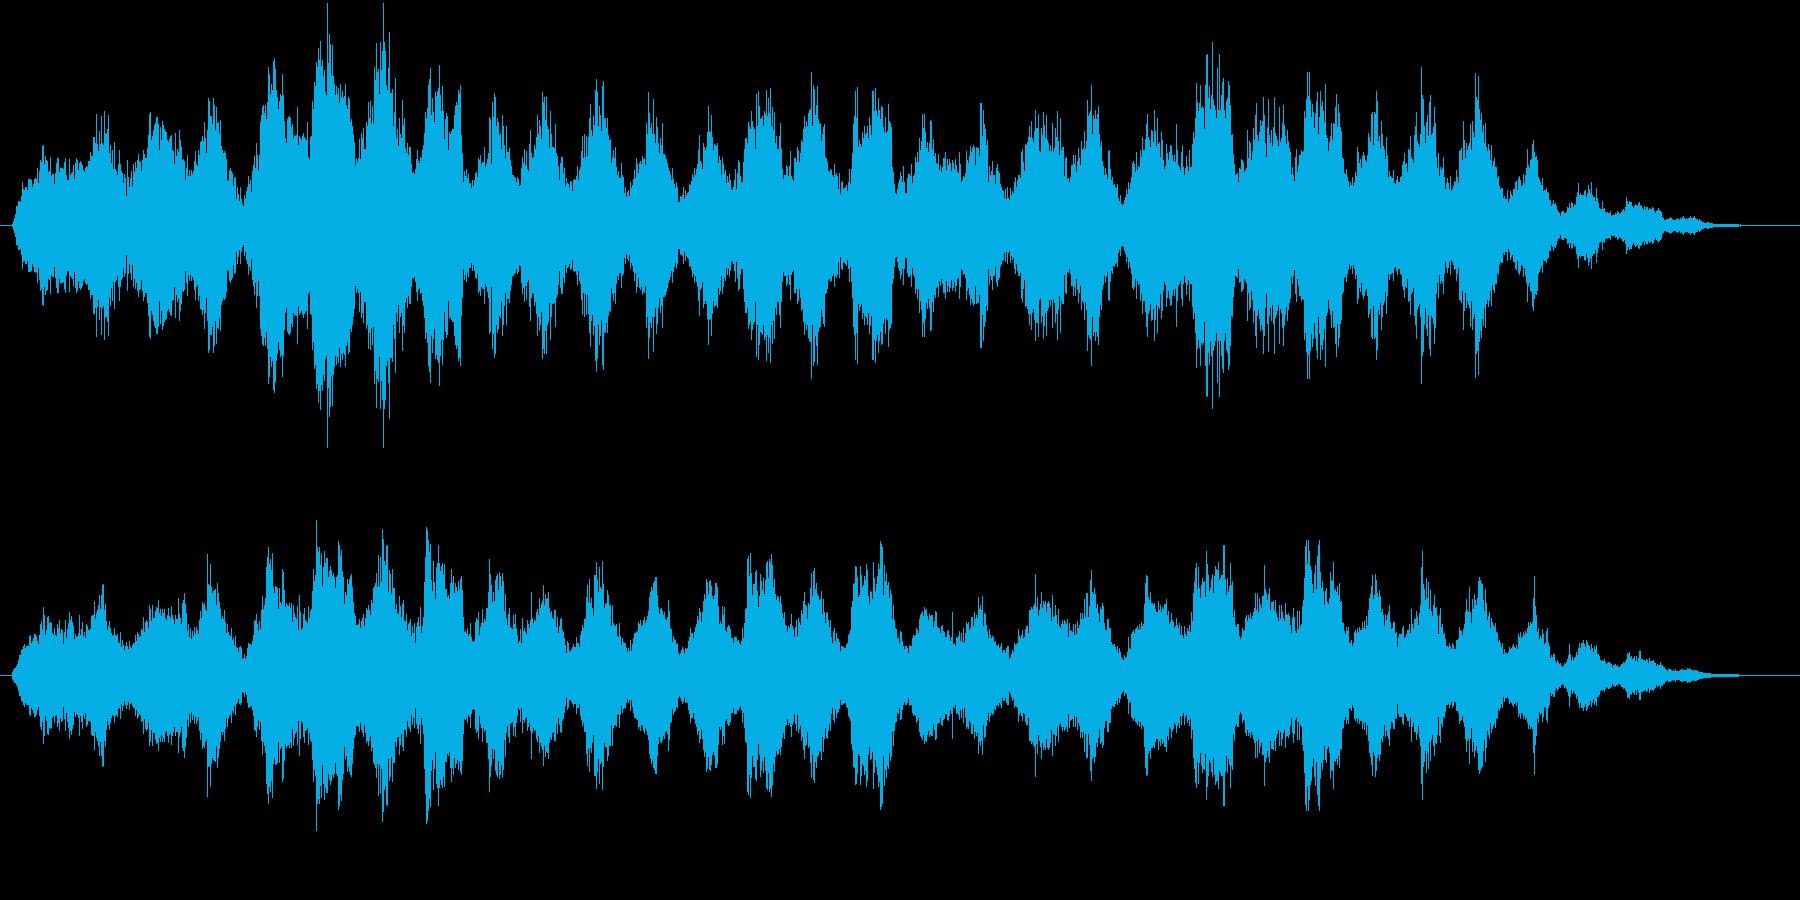 孤独瞑想(リラックス)【オーケストラ】の再生済みの波形